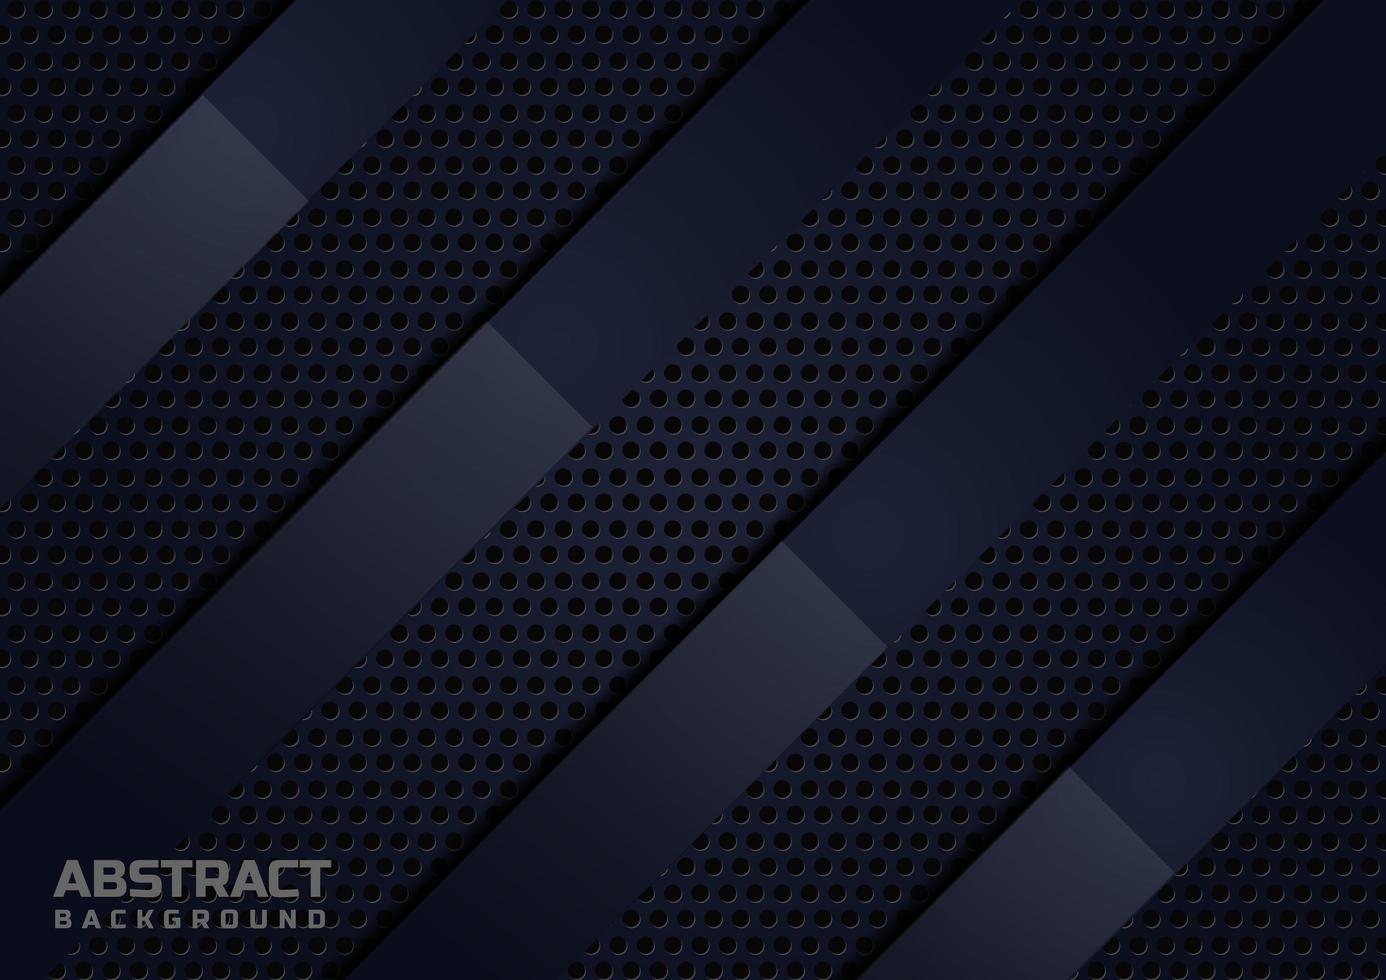 abstrakt svart diagonal överlappande vikt lyxmönster för papper vektor